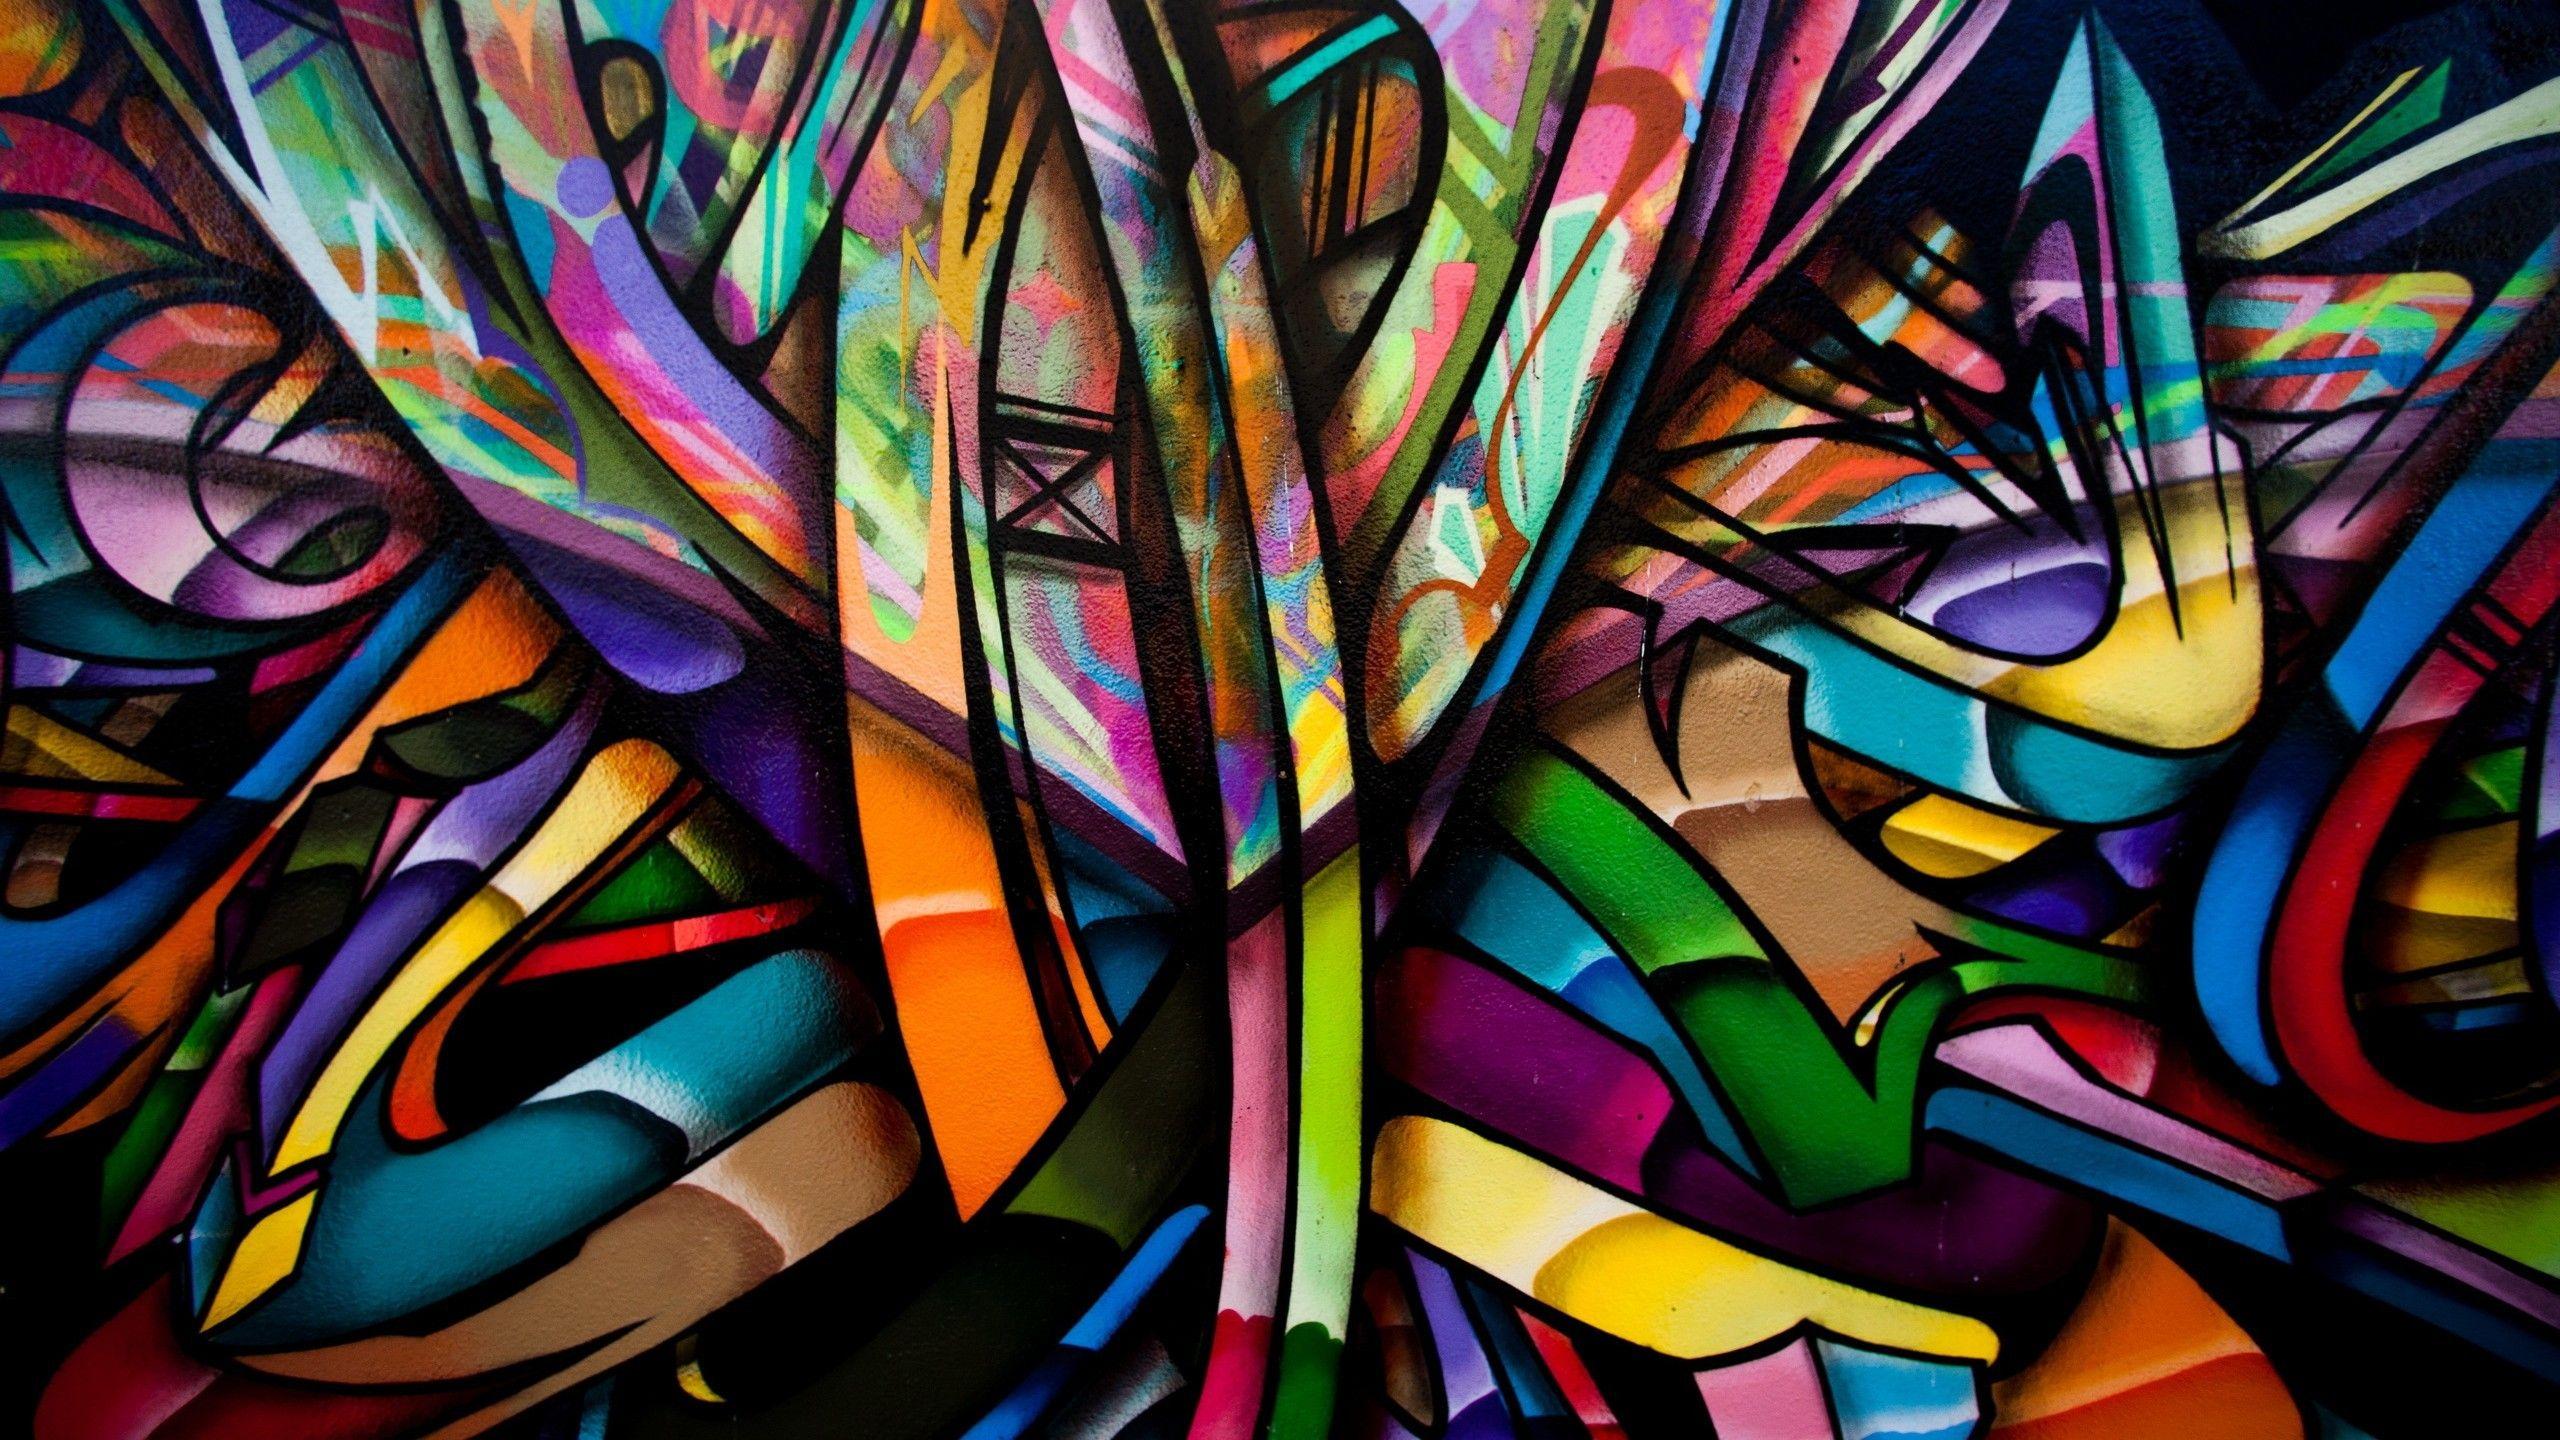 Google themes graffiti - Graffiti